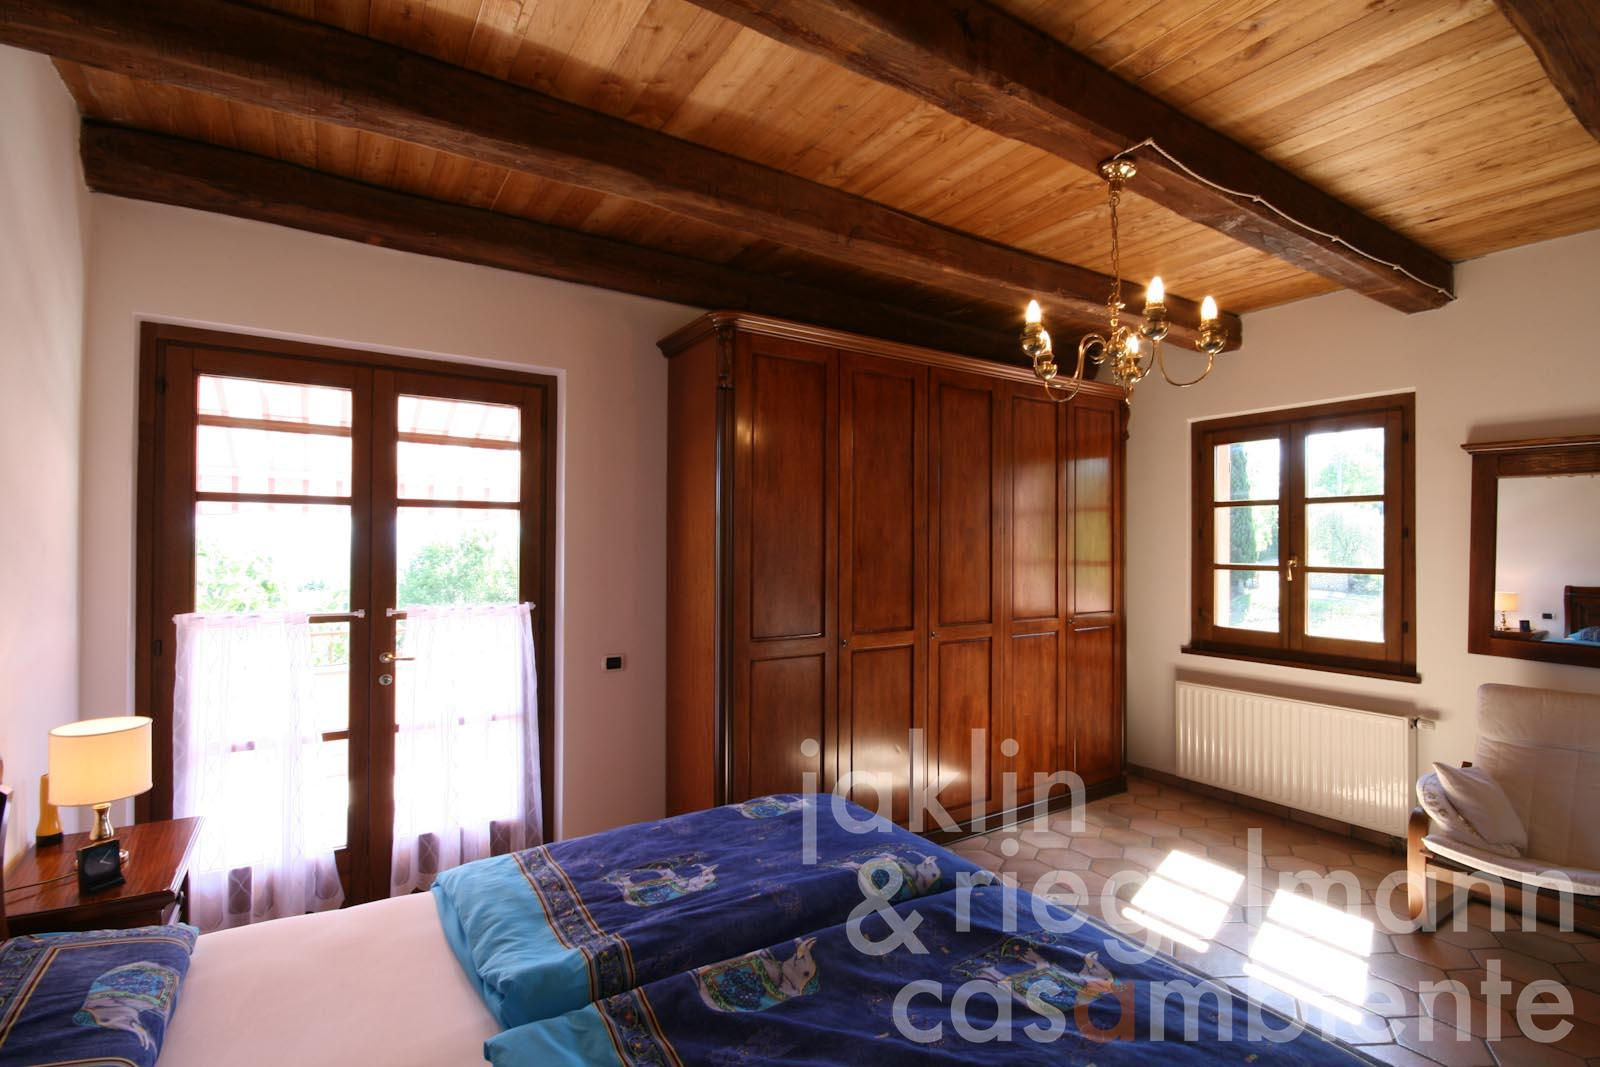 Villa in vendita in italia umbria terni baschi casa di for 2 case di camera da letto principale in vendita